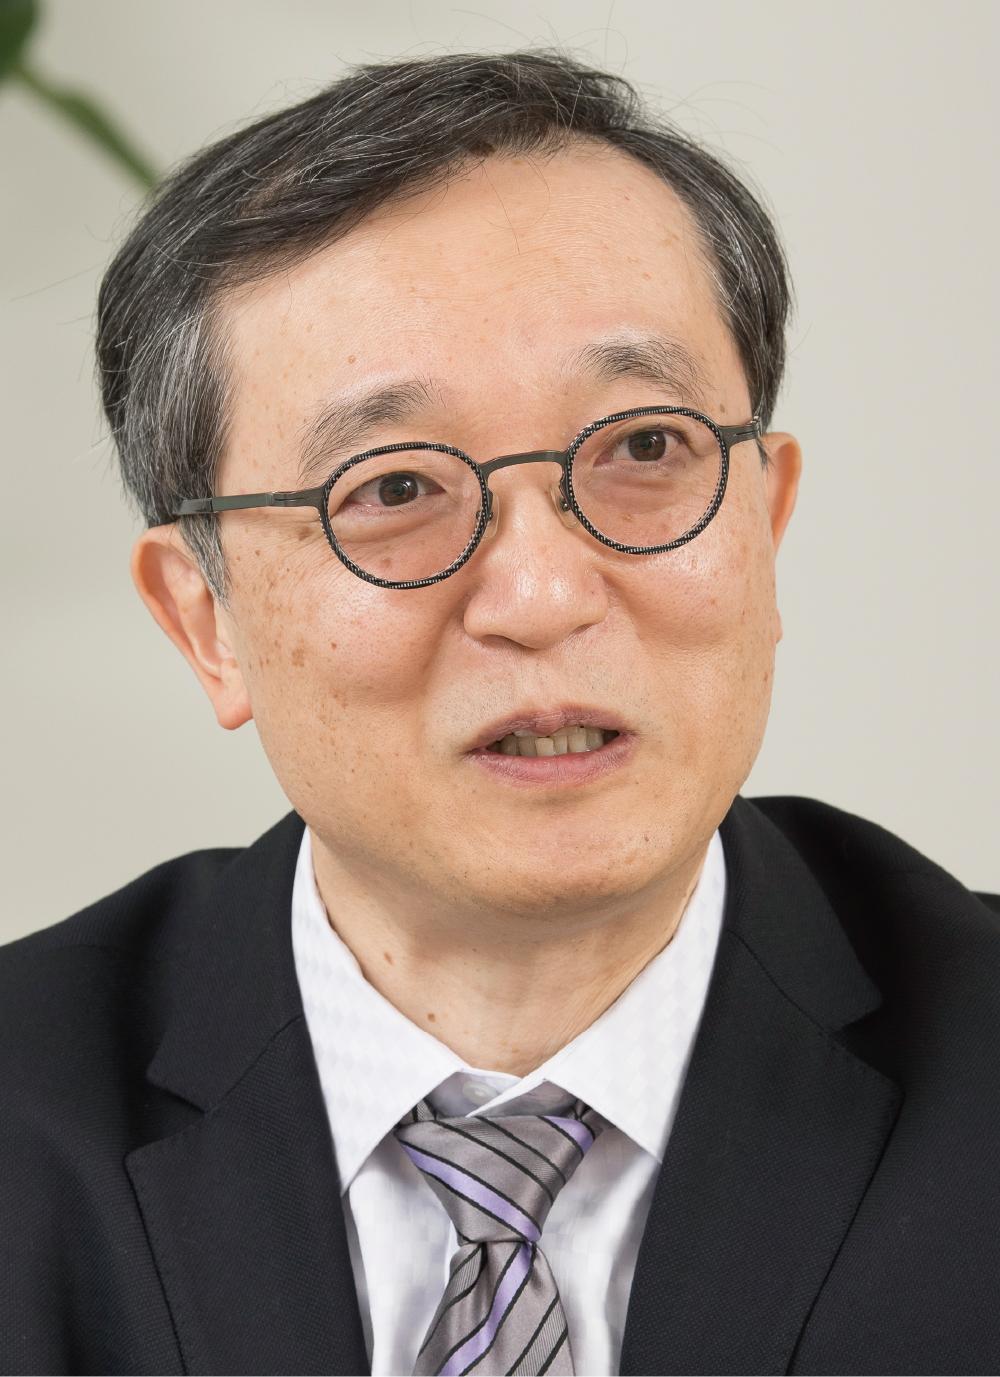 ユニー・ファミリーマートホールディングス株式会社 CSR・管理本部 法務部